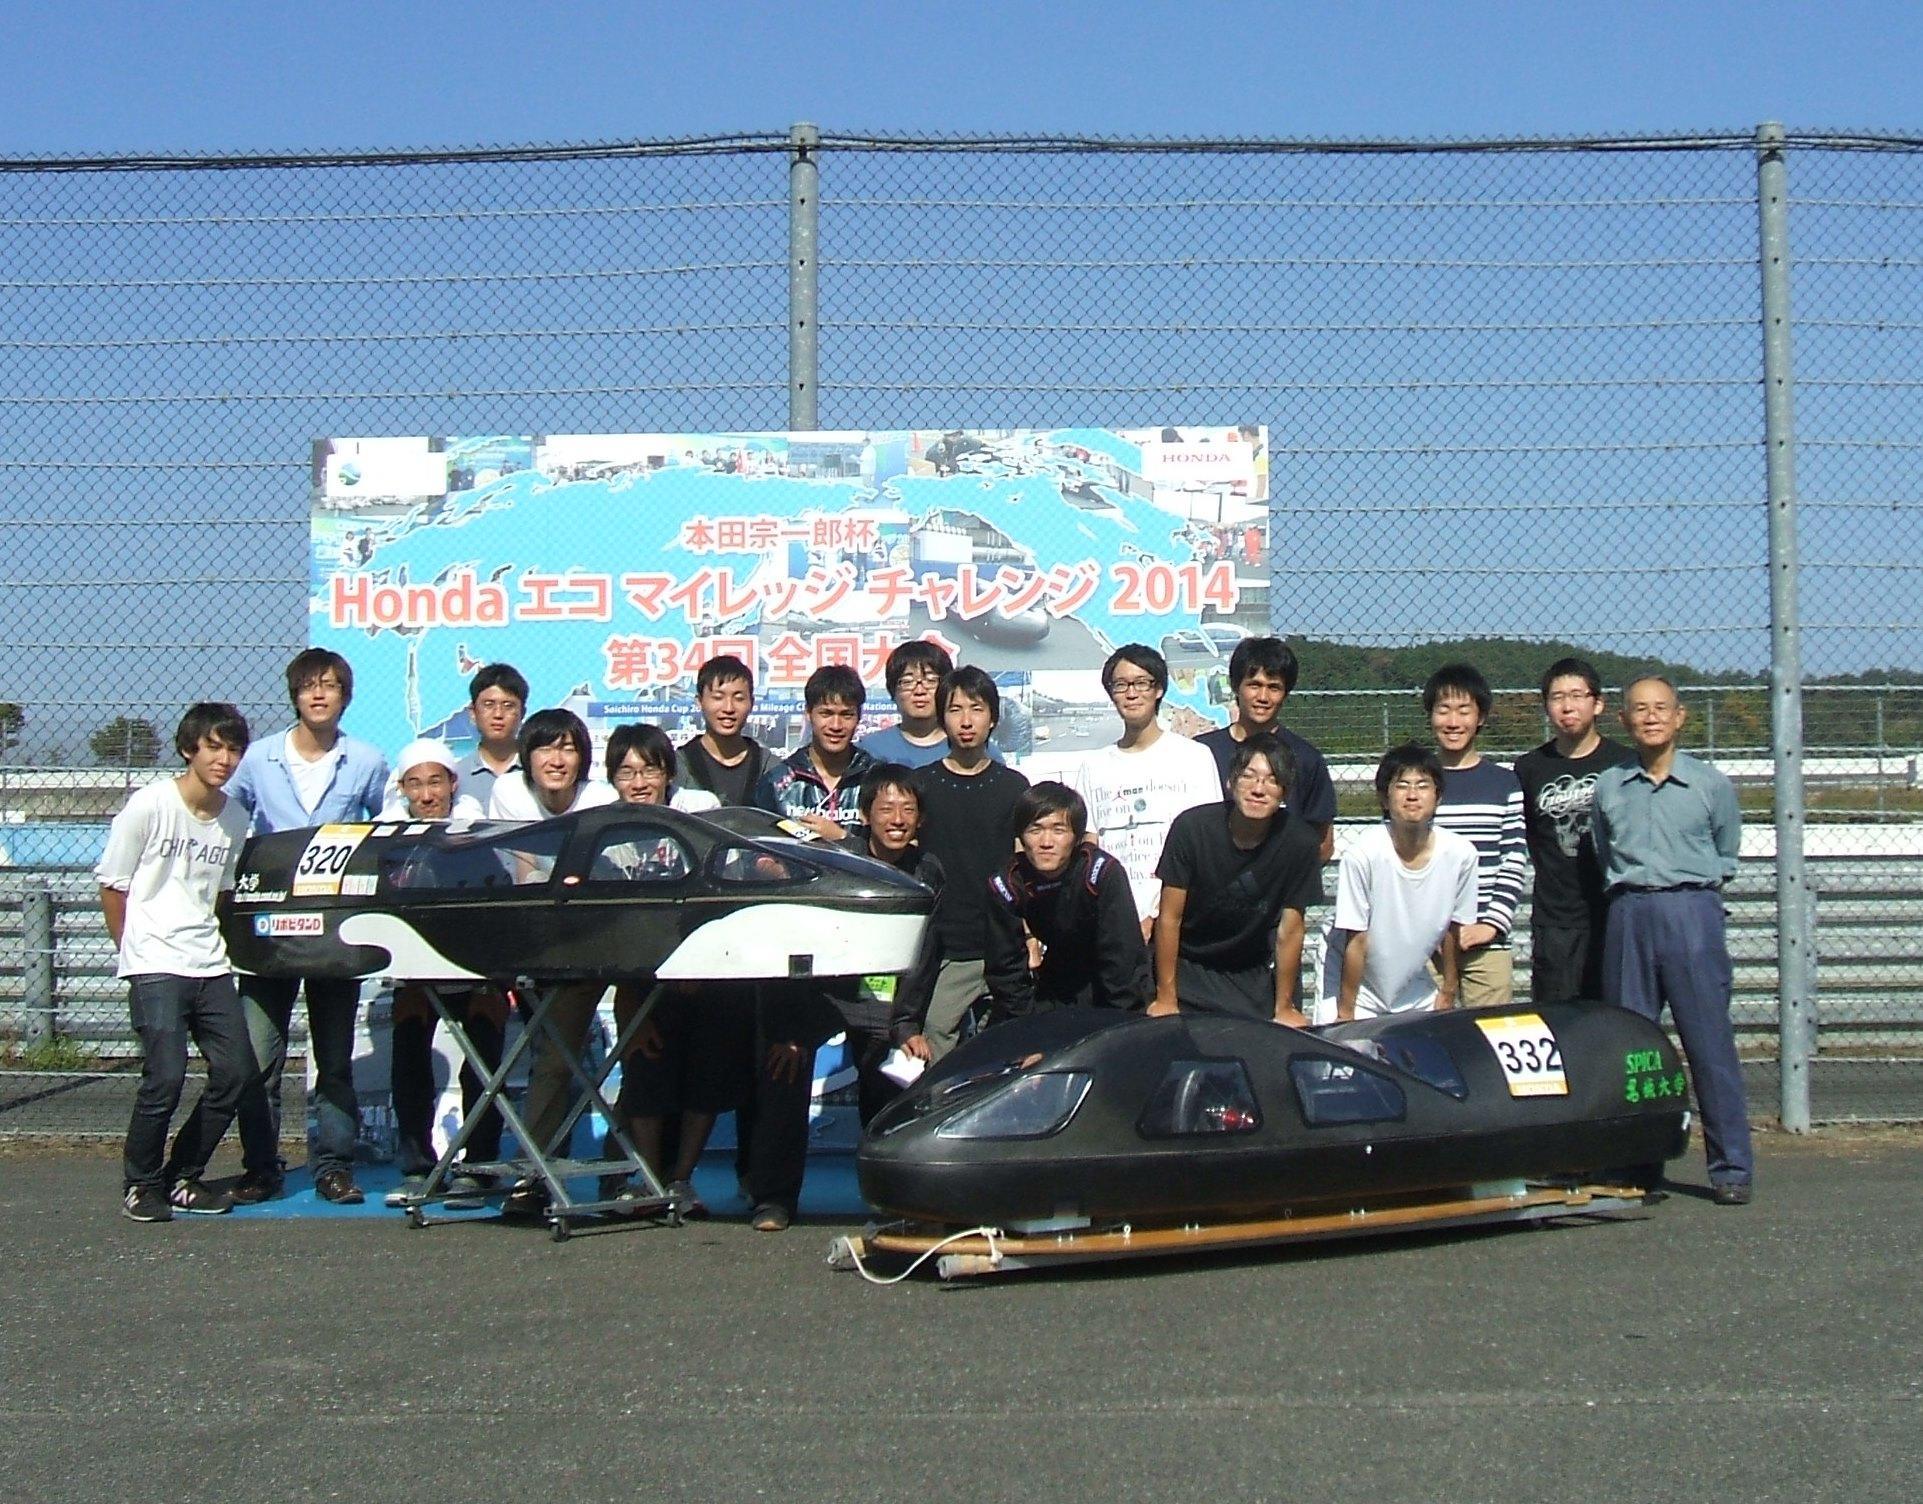 準優勝の「MEGV2004号」(左)と4位入賞の「Nova号」